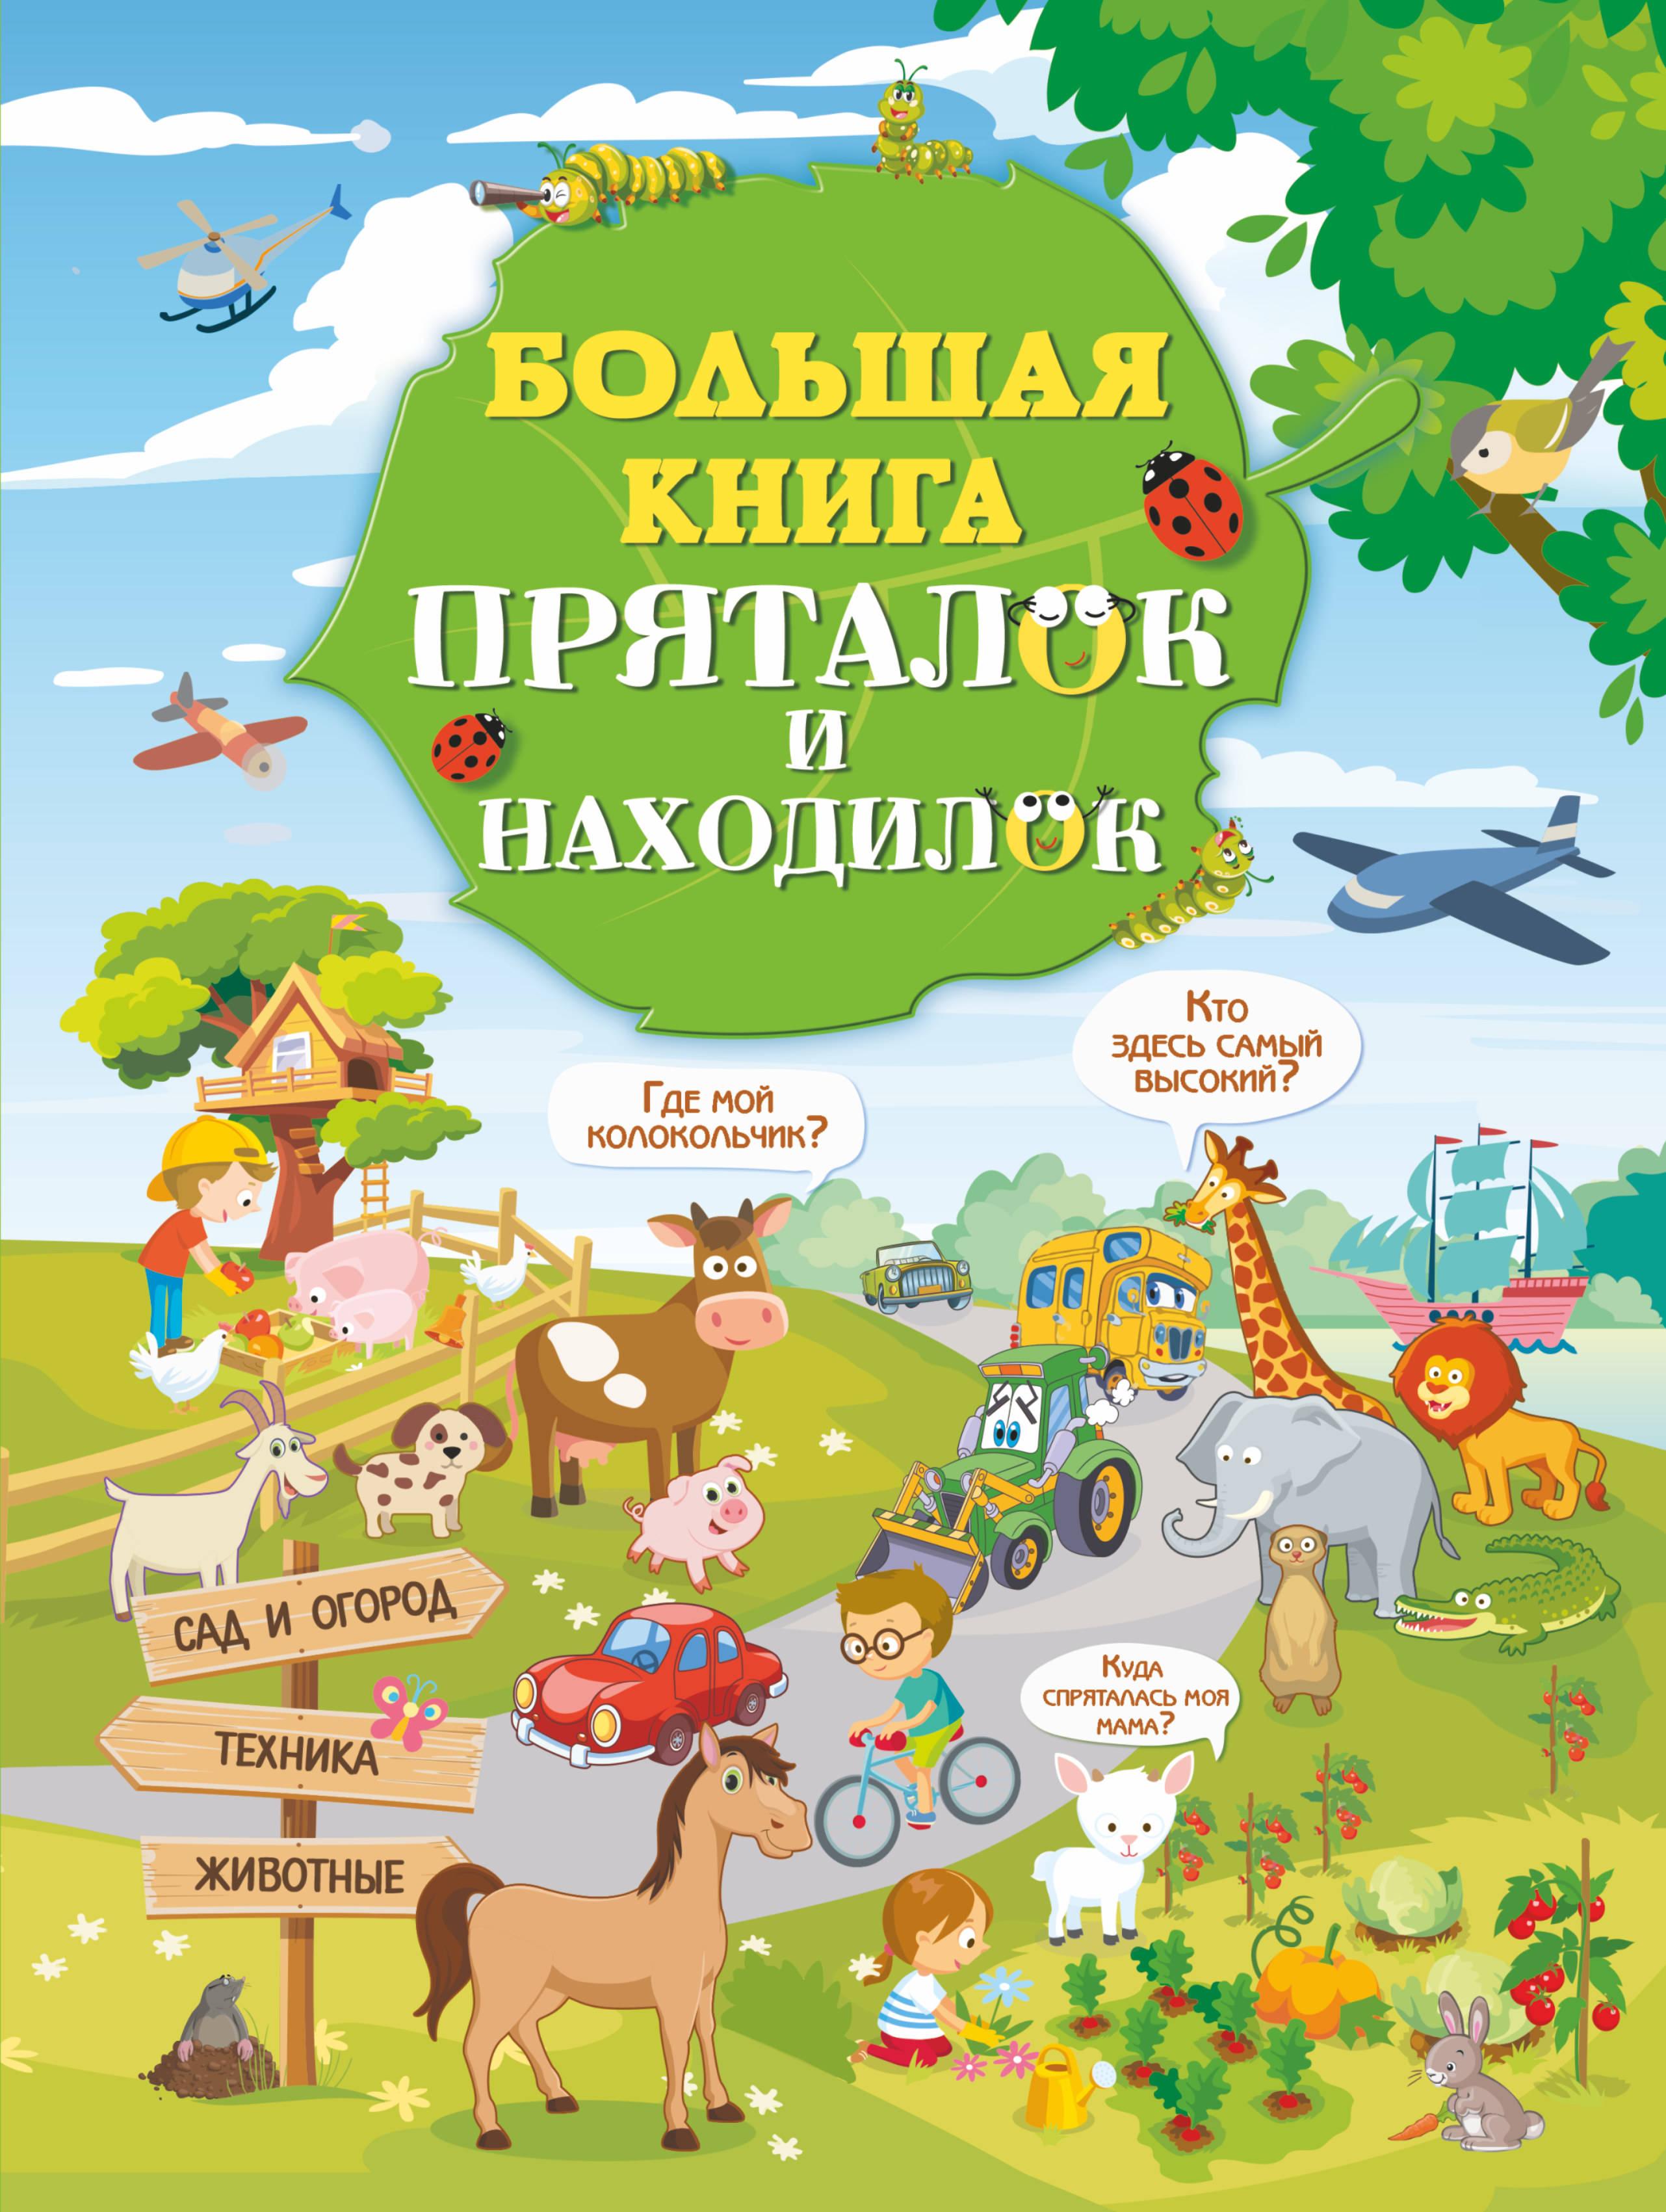 Л. В. Доманская, И. Ю. Максимова Большая книга пряталок и находилок